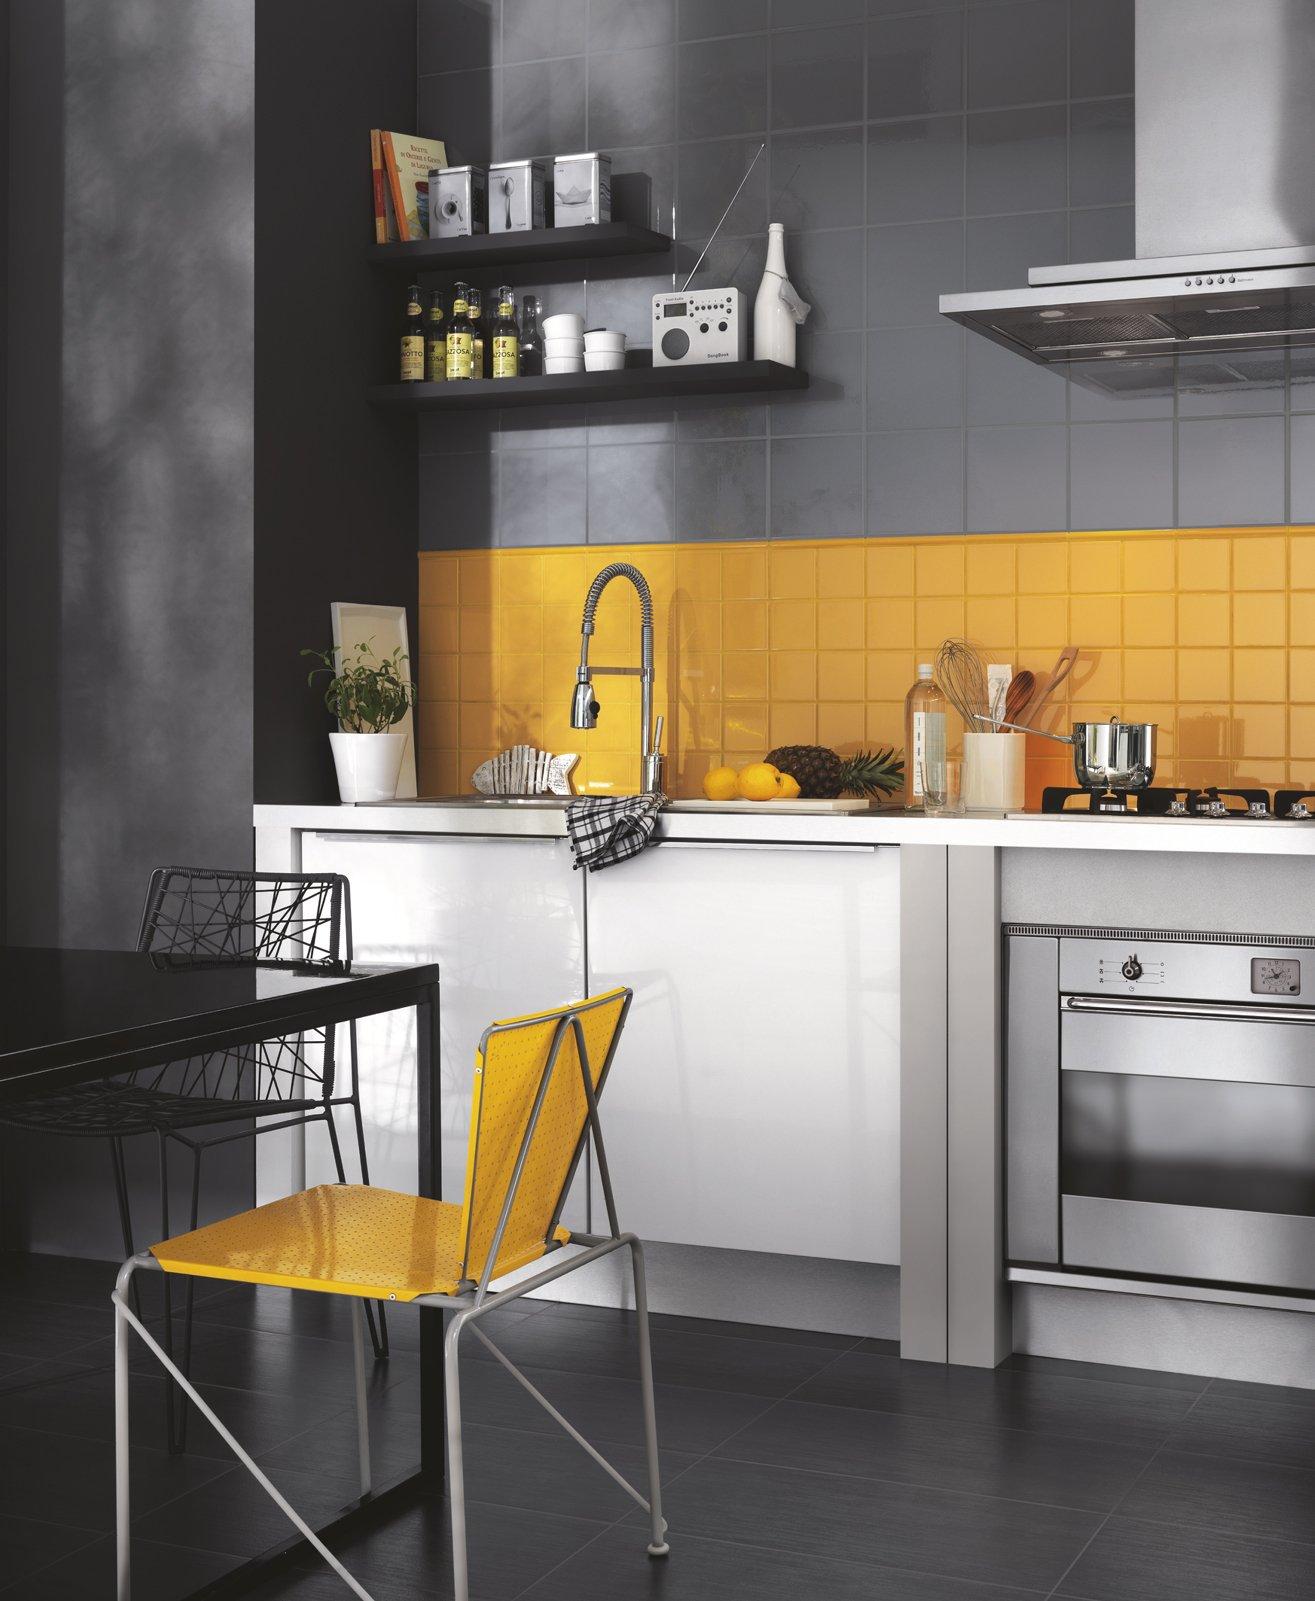 Piastrelle cucina materiali prezzi e soluzioni consigliate - Piastrelle cucina prezzi ...